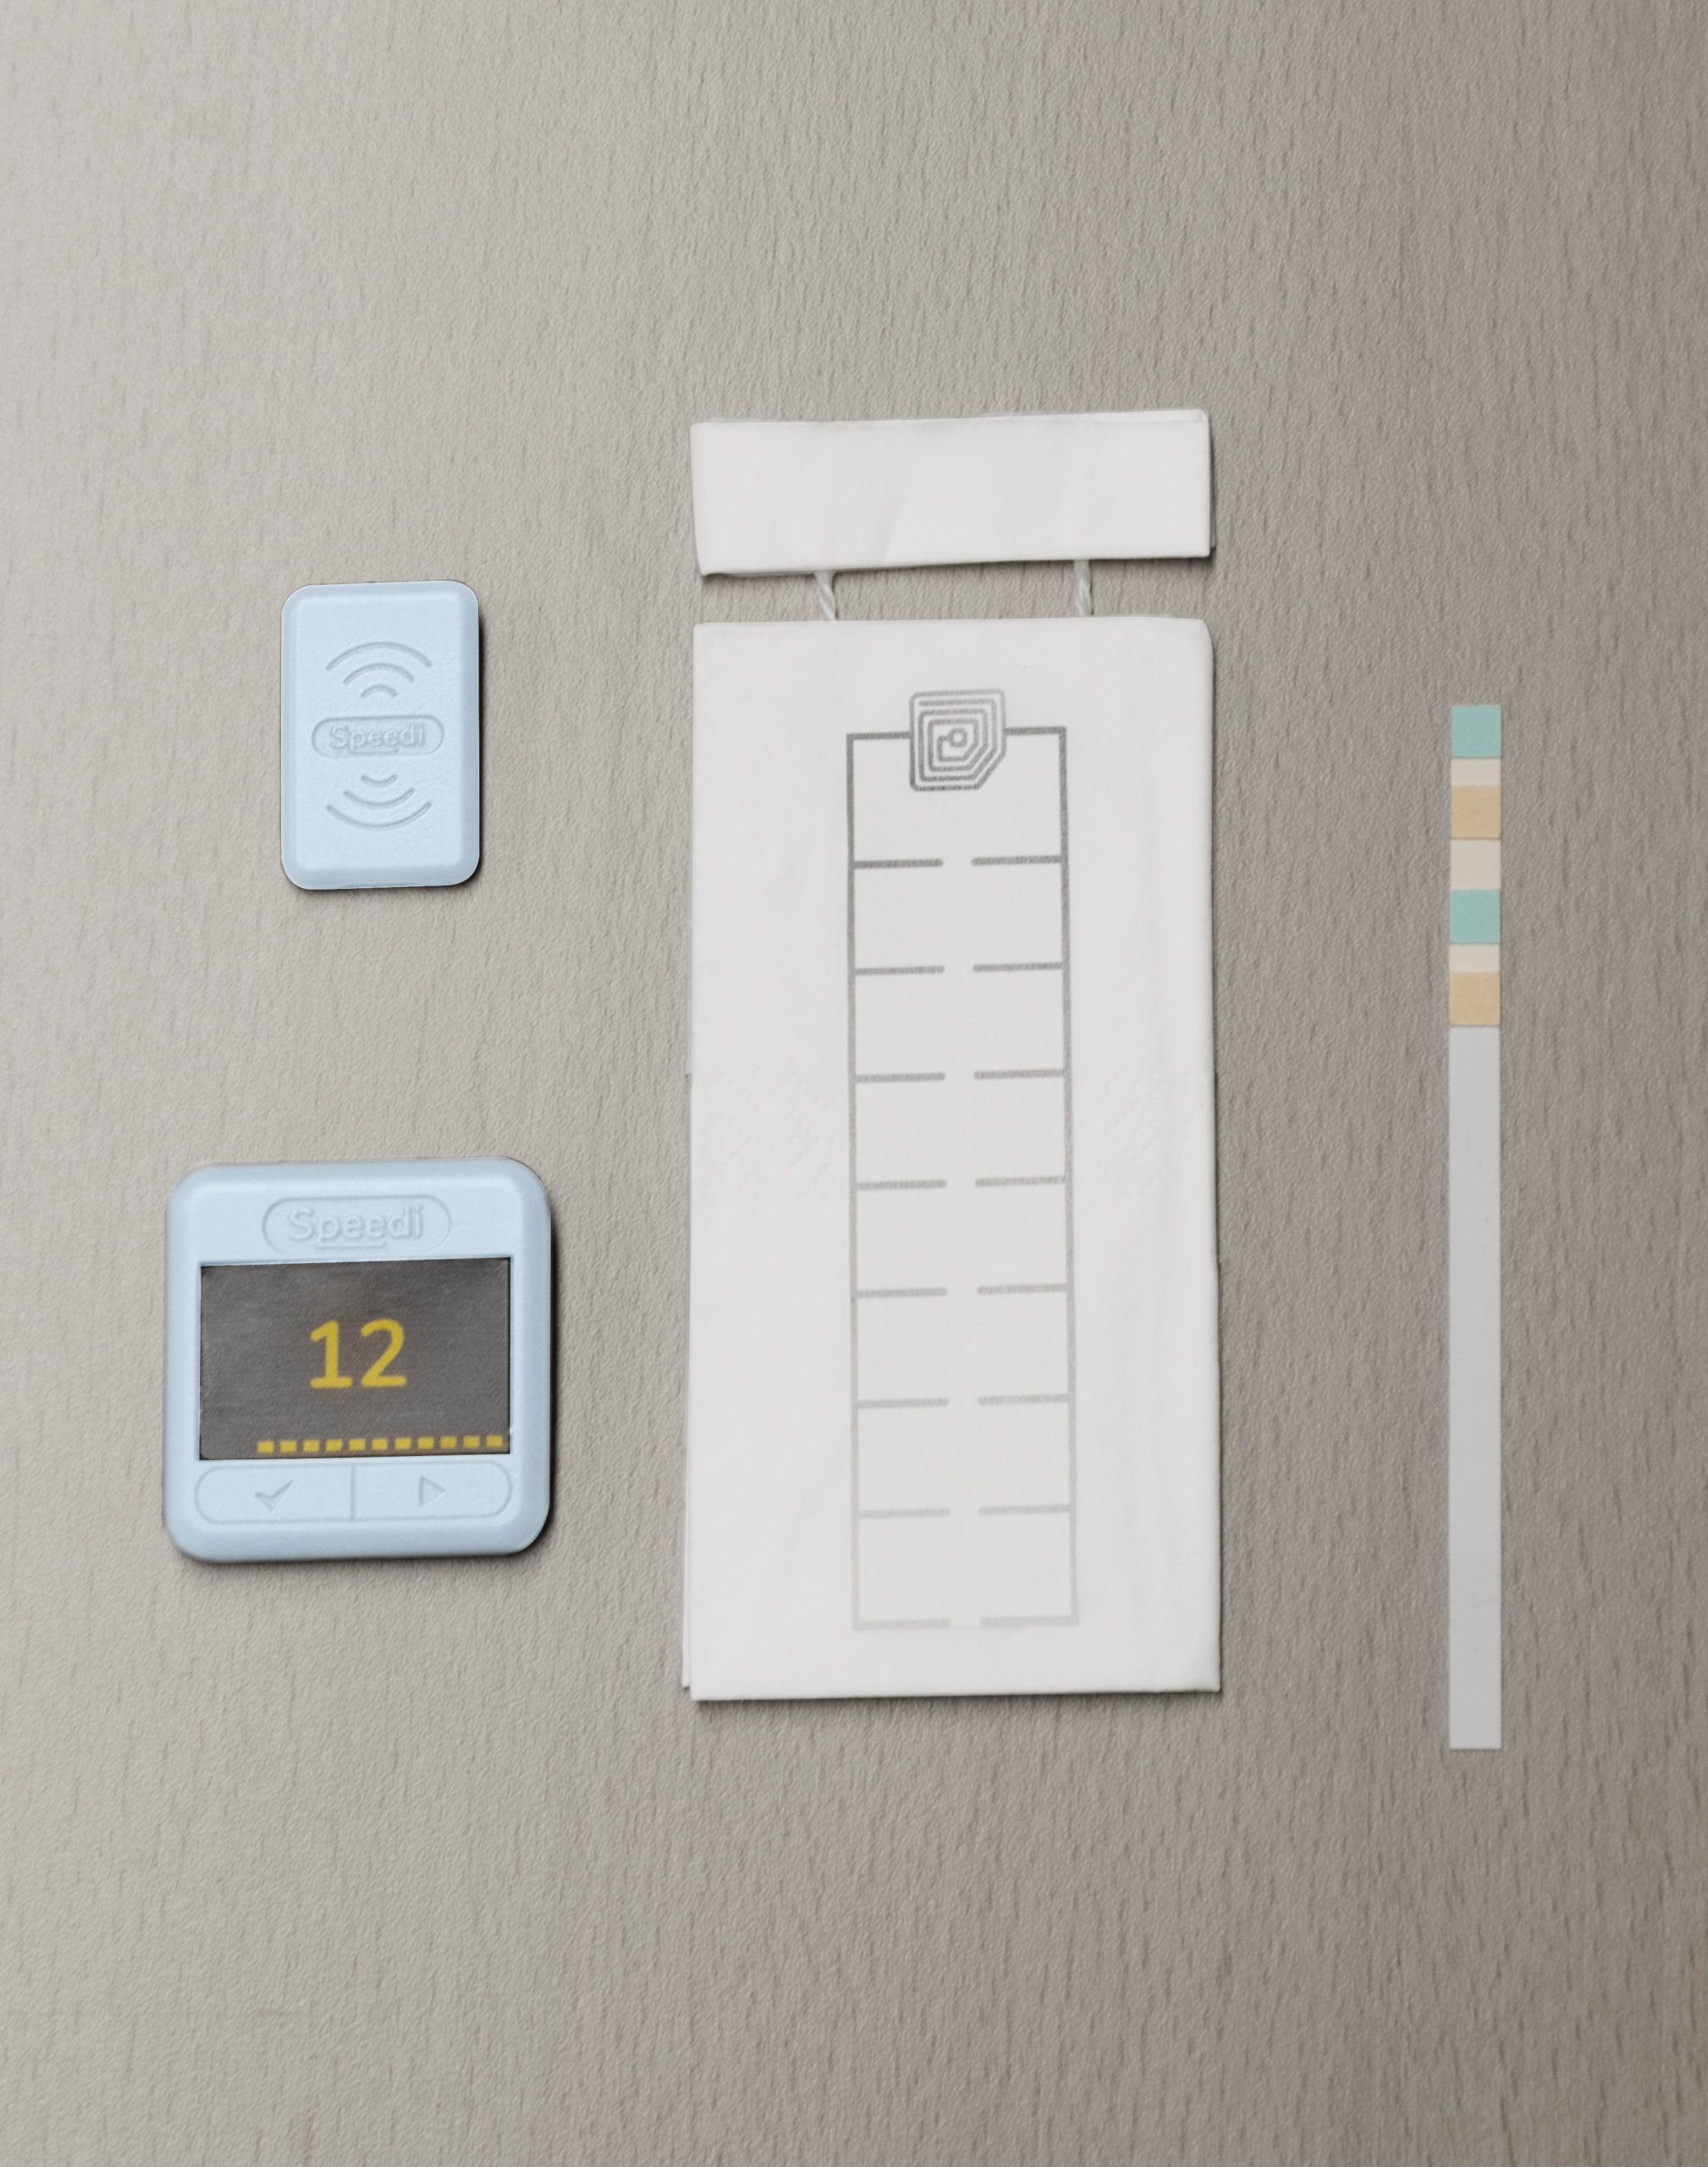 dispositif detection urinaire, SPEEDI, un dispositif simple et innovant pour faciliter le dépistage précoce des infections urinaires.